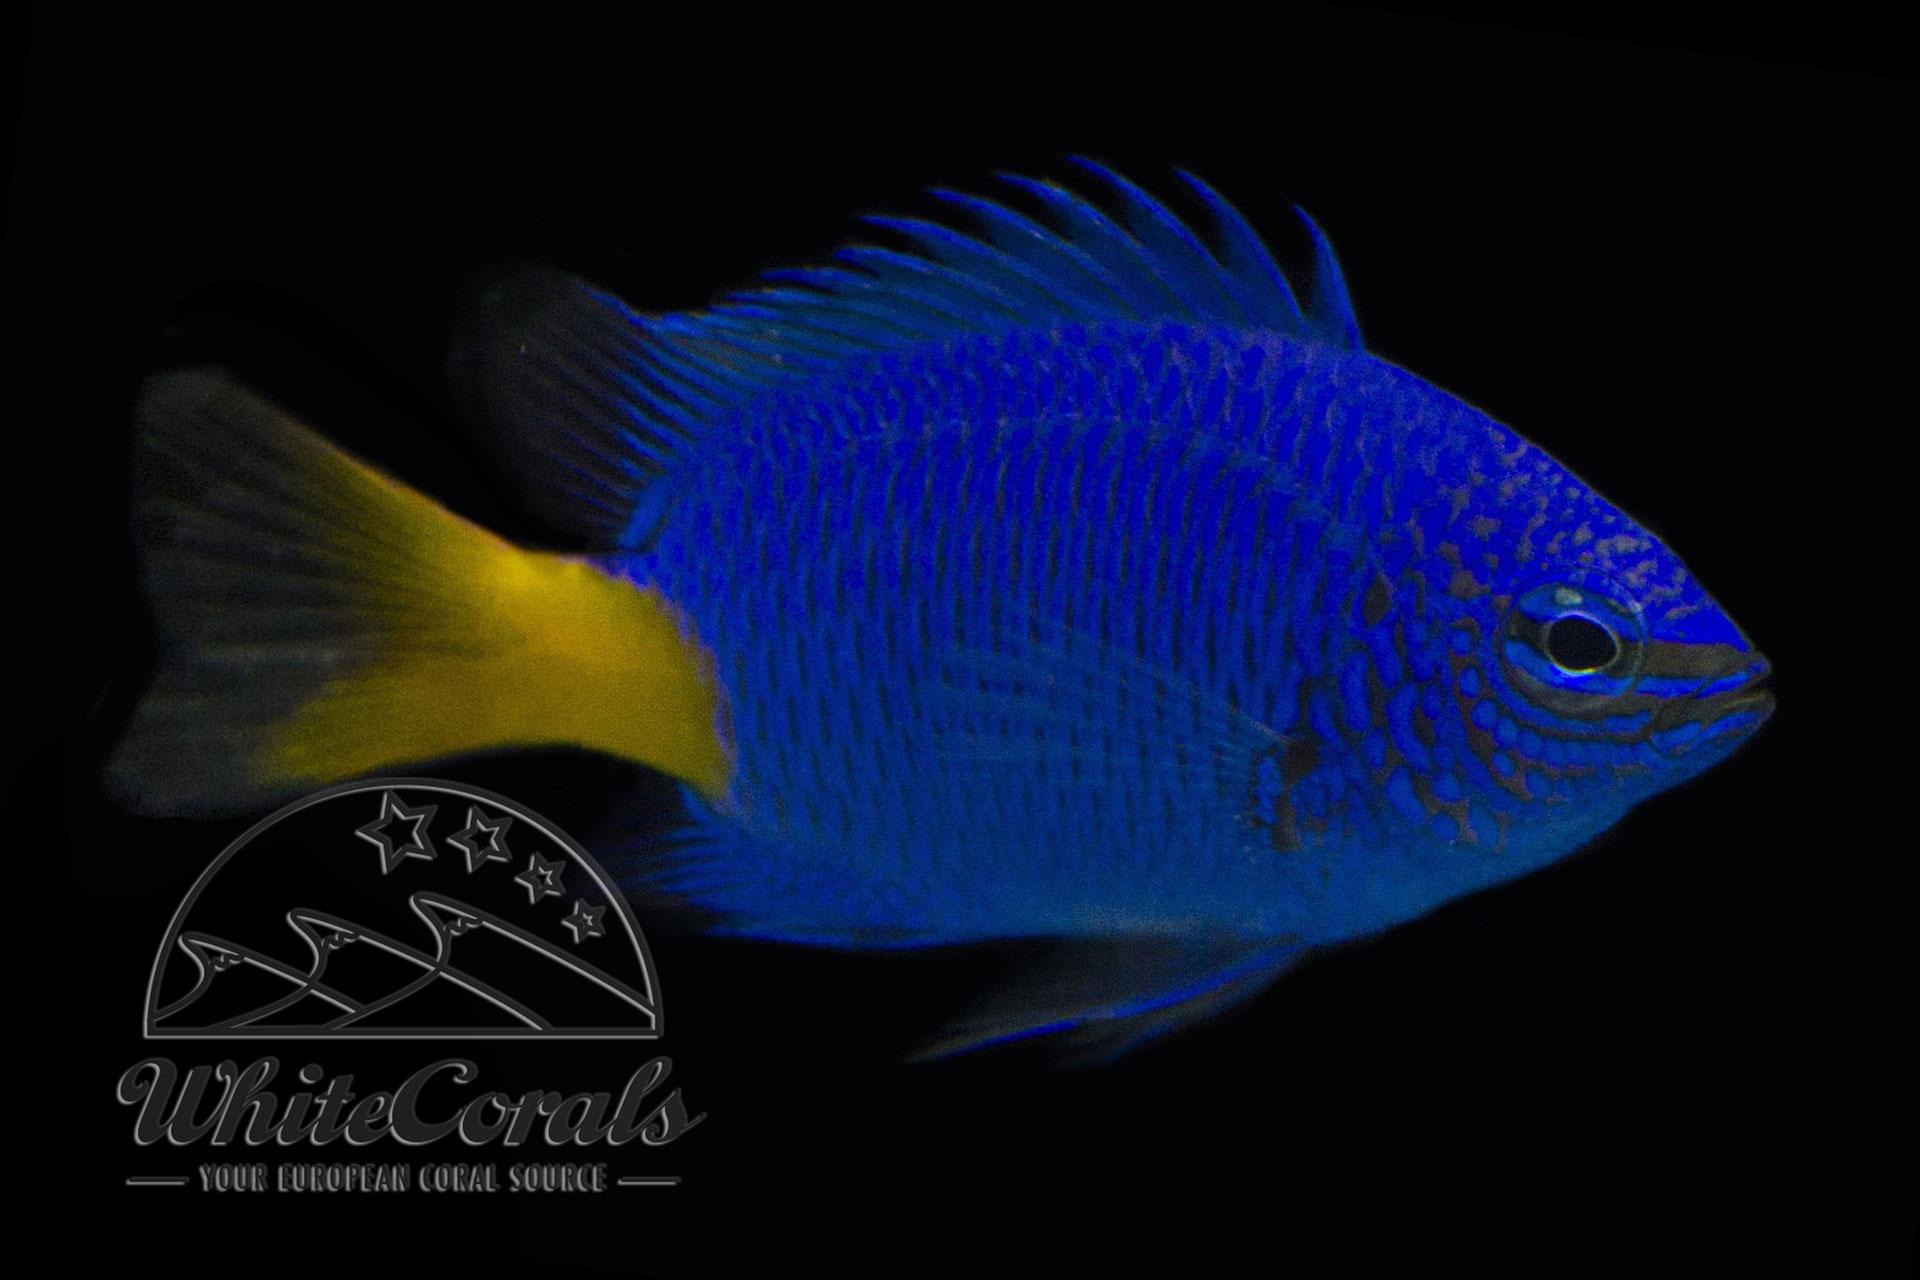 Meerwasserfische im Onlineshop kaufen - Fischversand